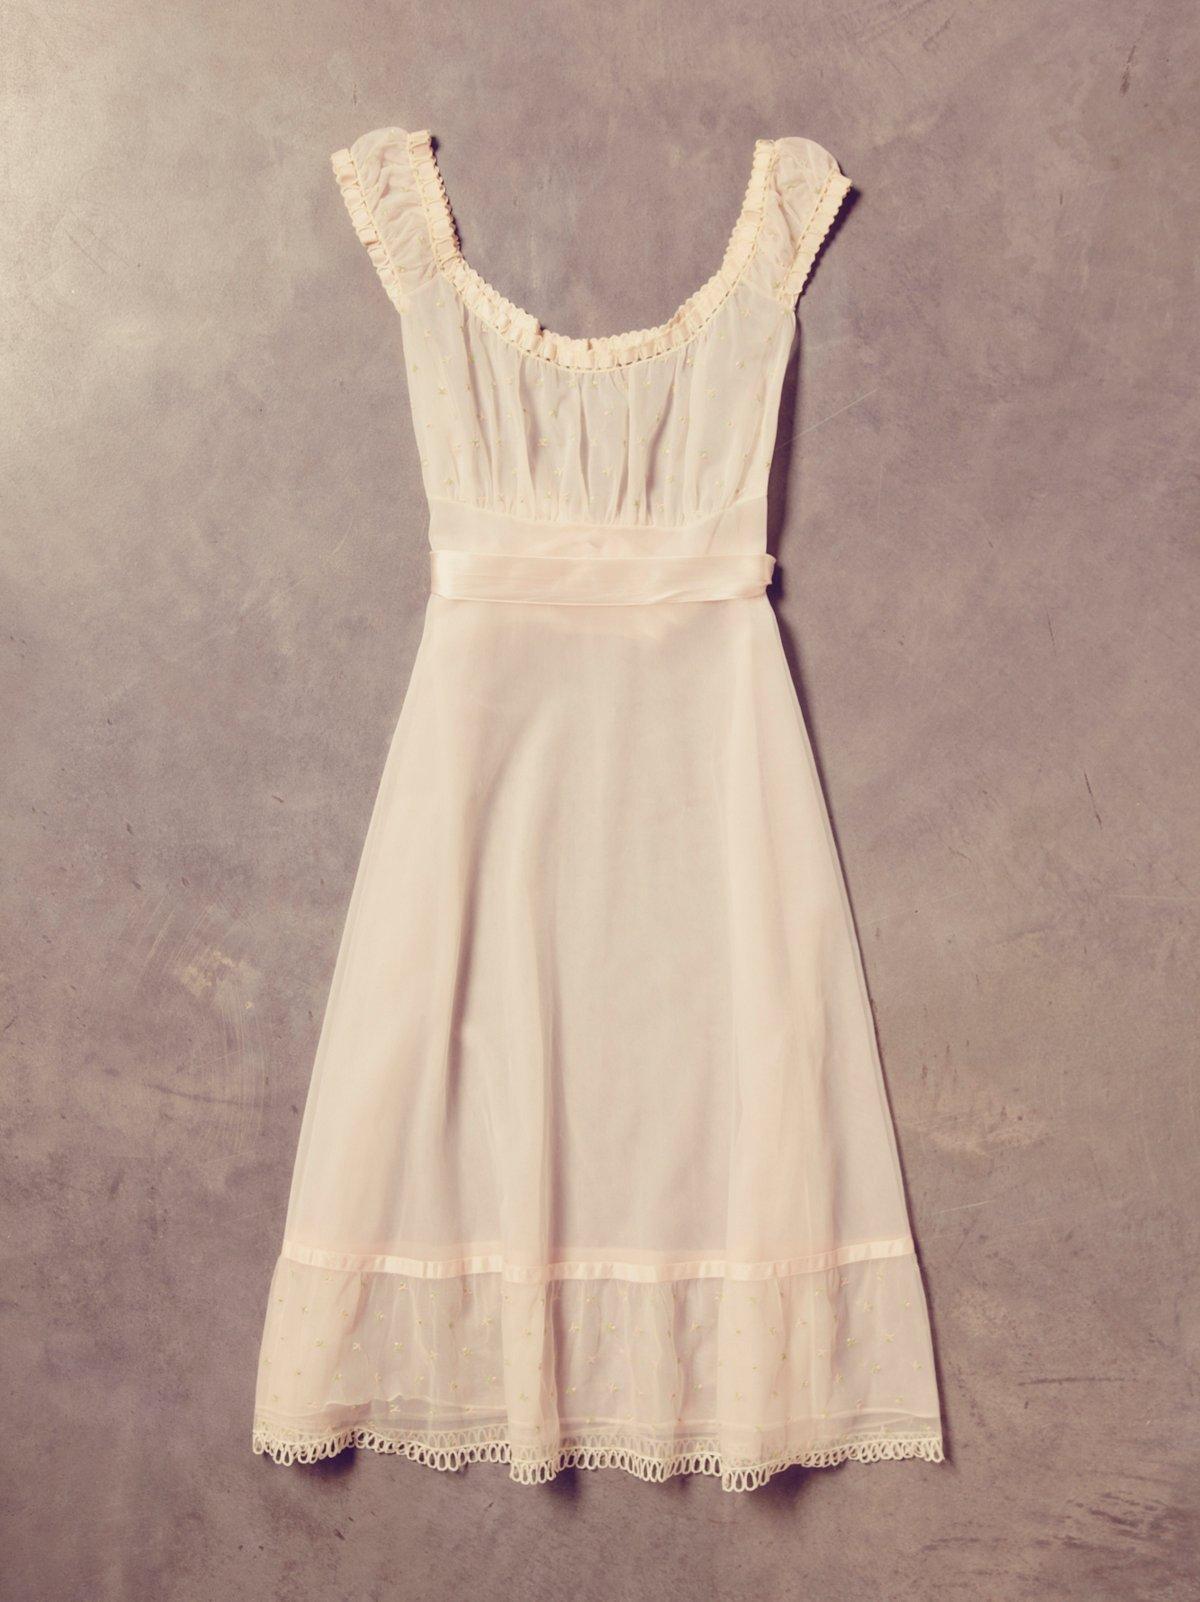 Vintage 60s Floral Dance Dress